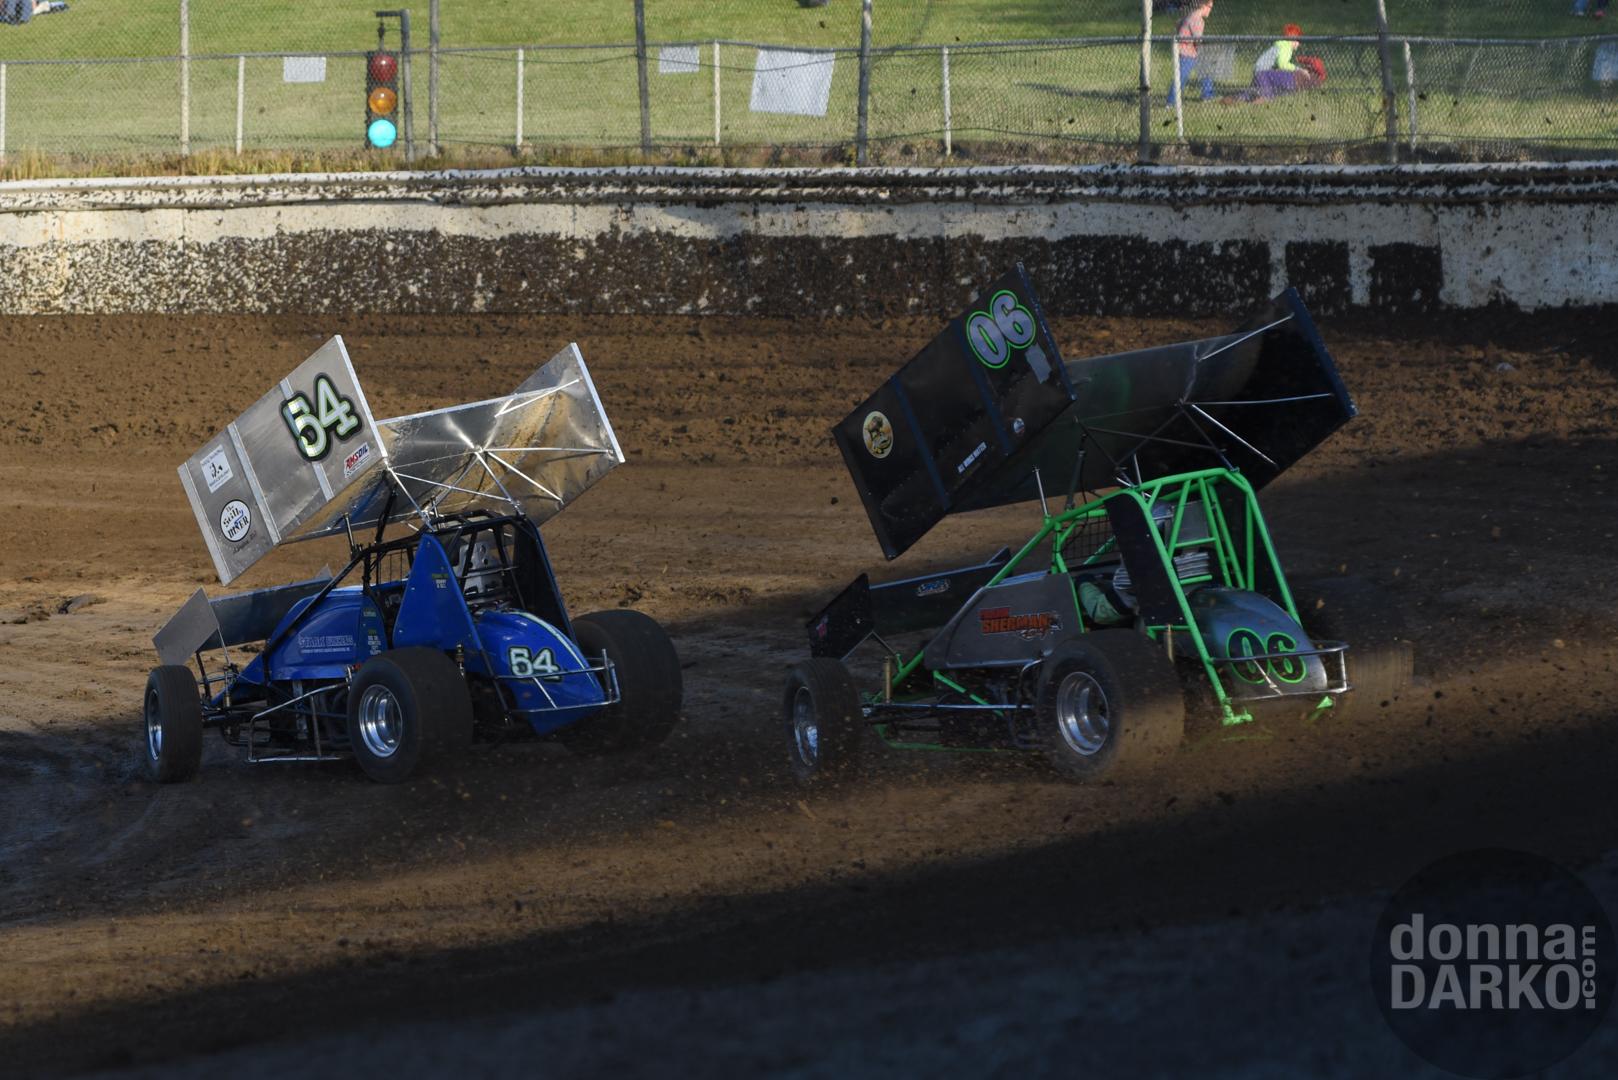 Sagit Speedway 6-8-19 -DSC_5745.jpg